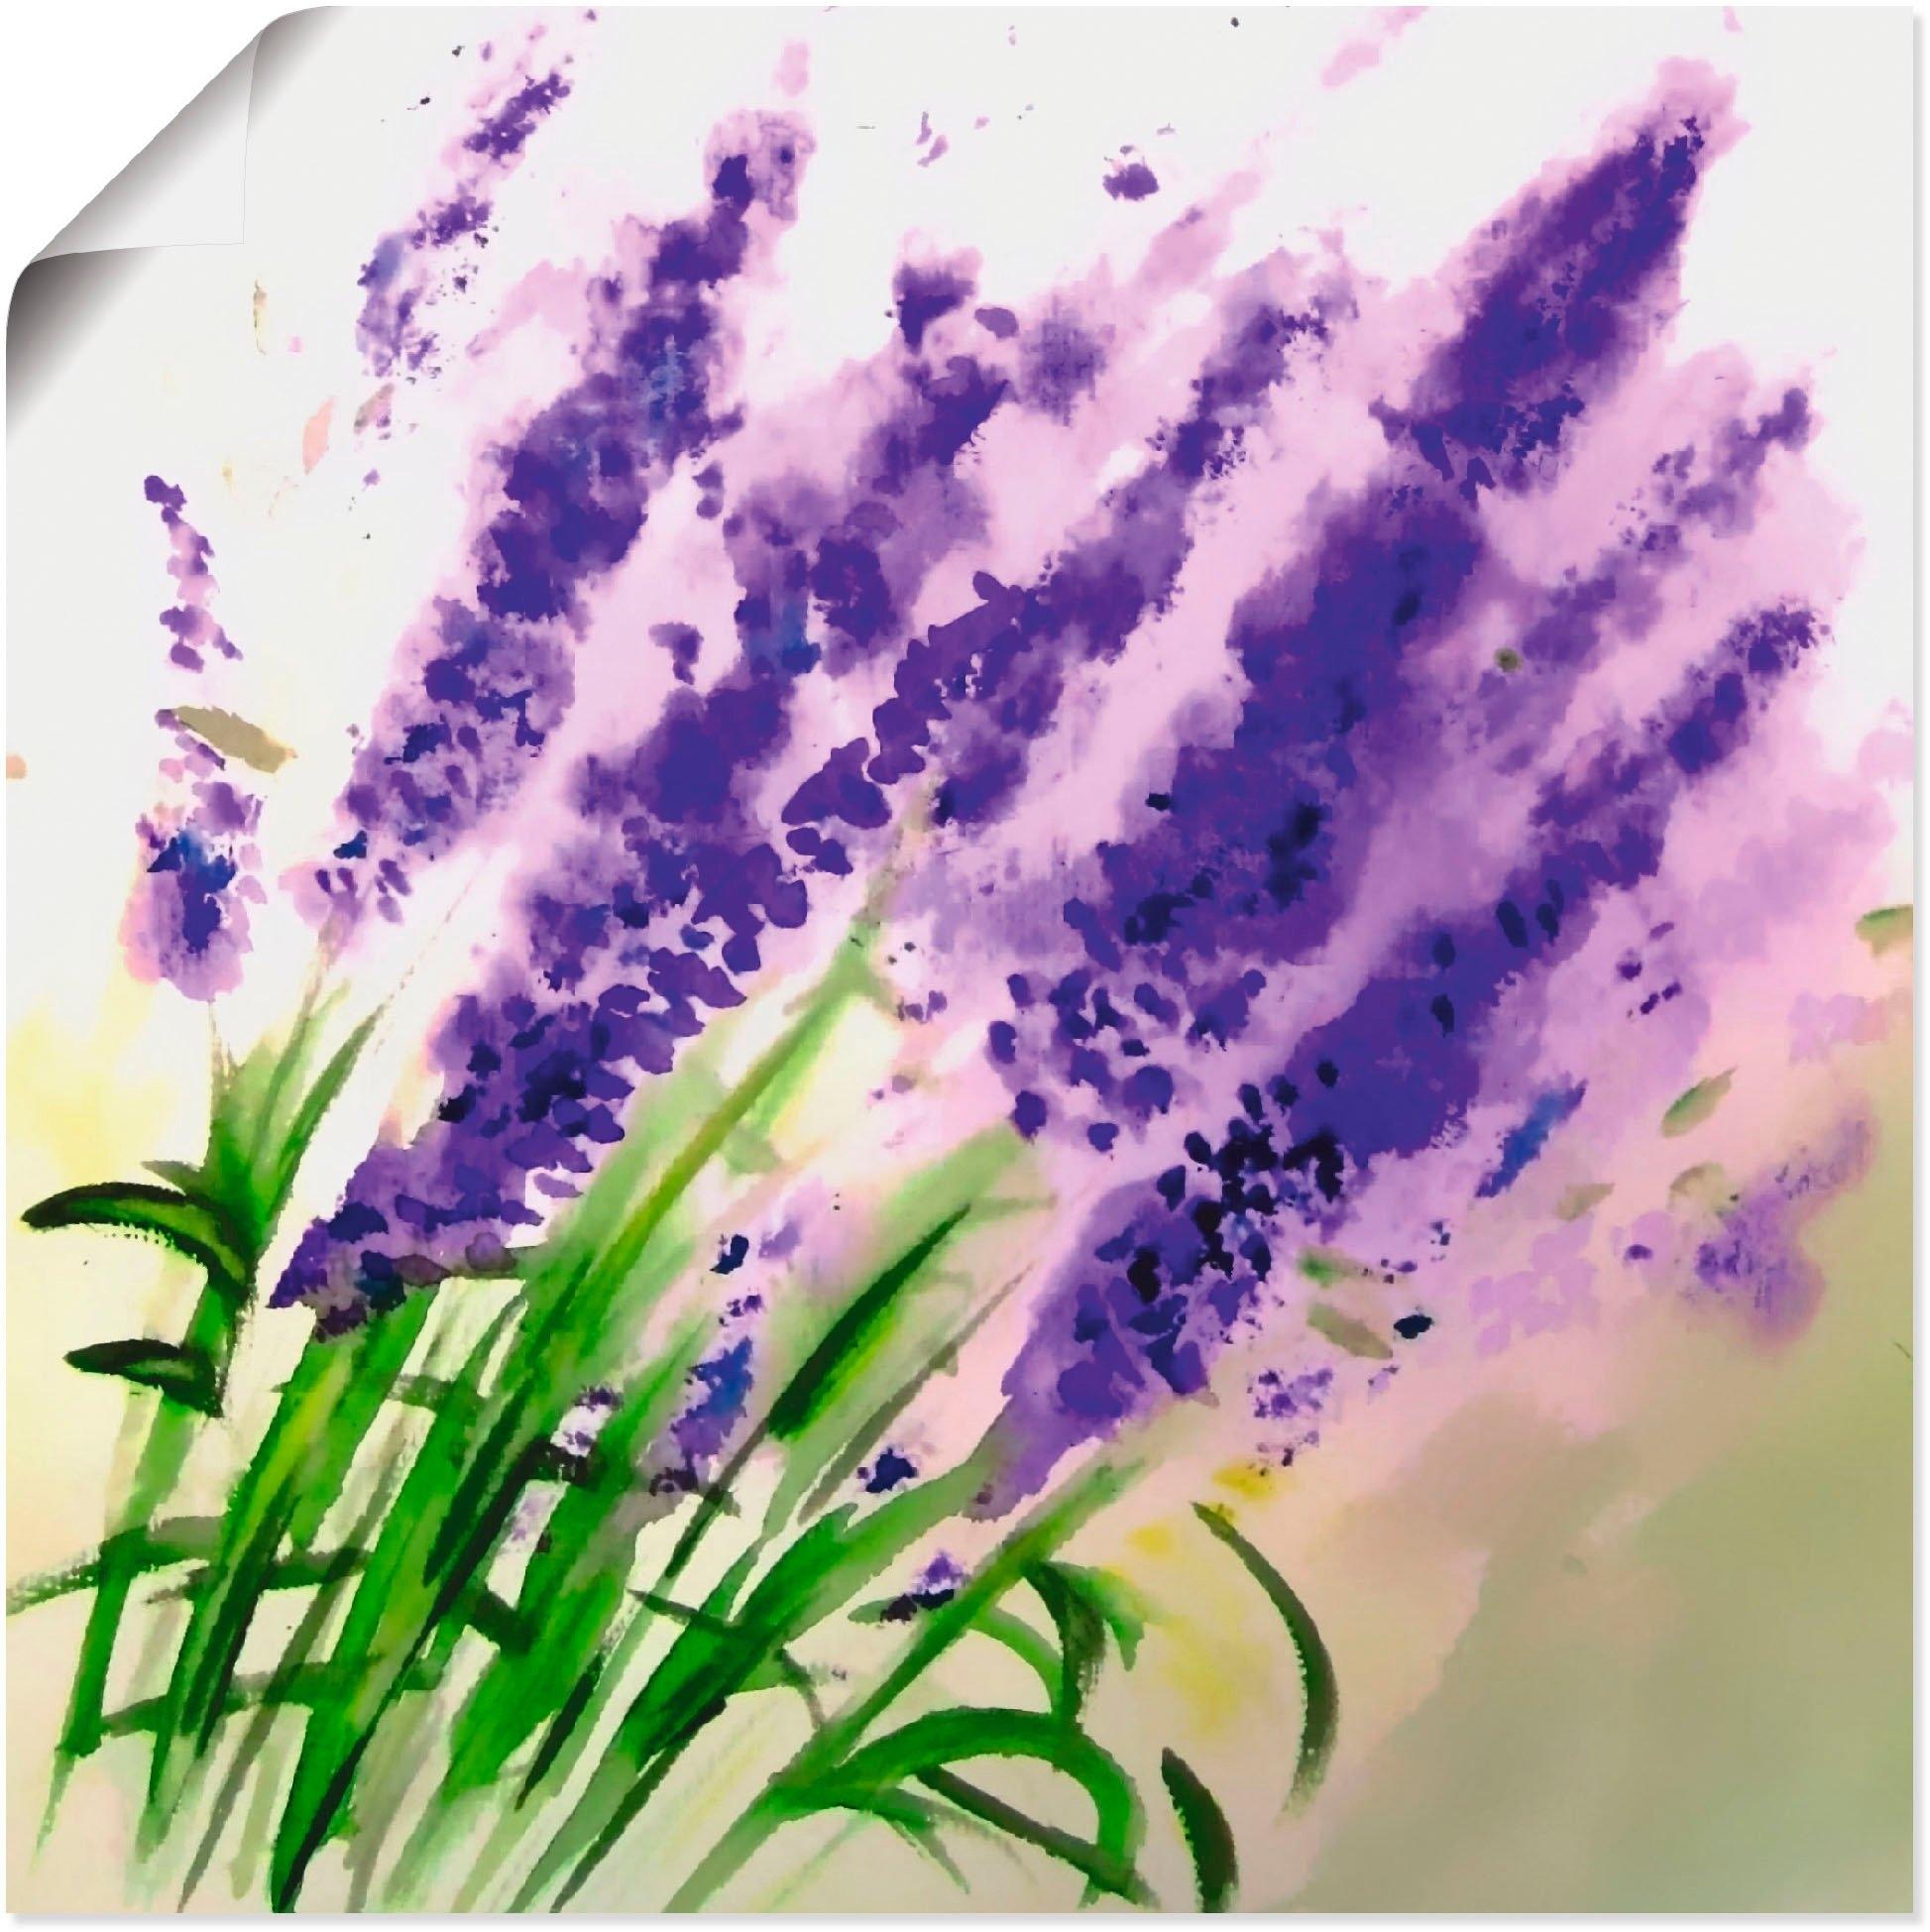 Op zoek naar een Artland artprint Lavendel-aquarel in vele afmetingen & productsoorten -artprint op linnen, poster, muursticker / wandfolie ook geschikt voor de badkamer (1 stuk)? Koop online bij OTTO